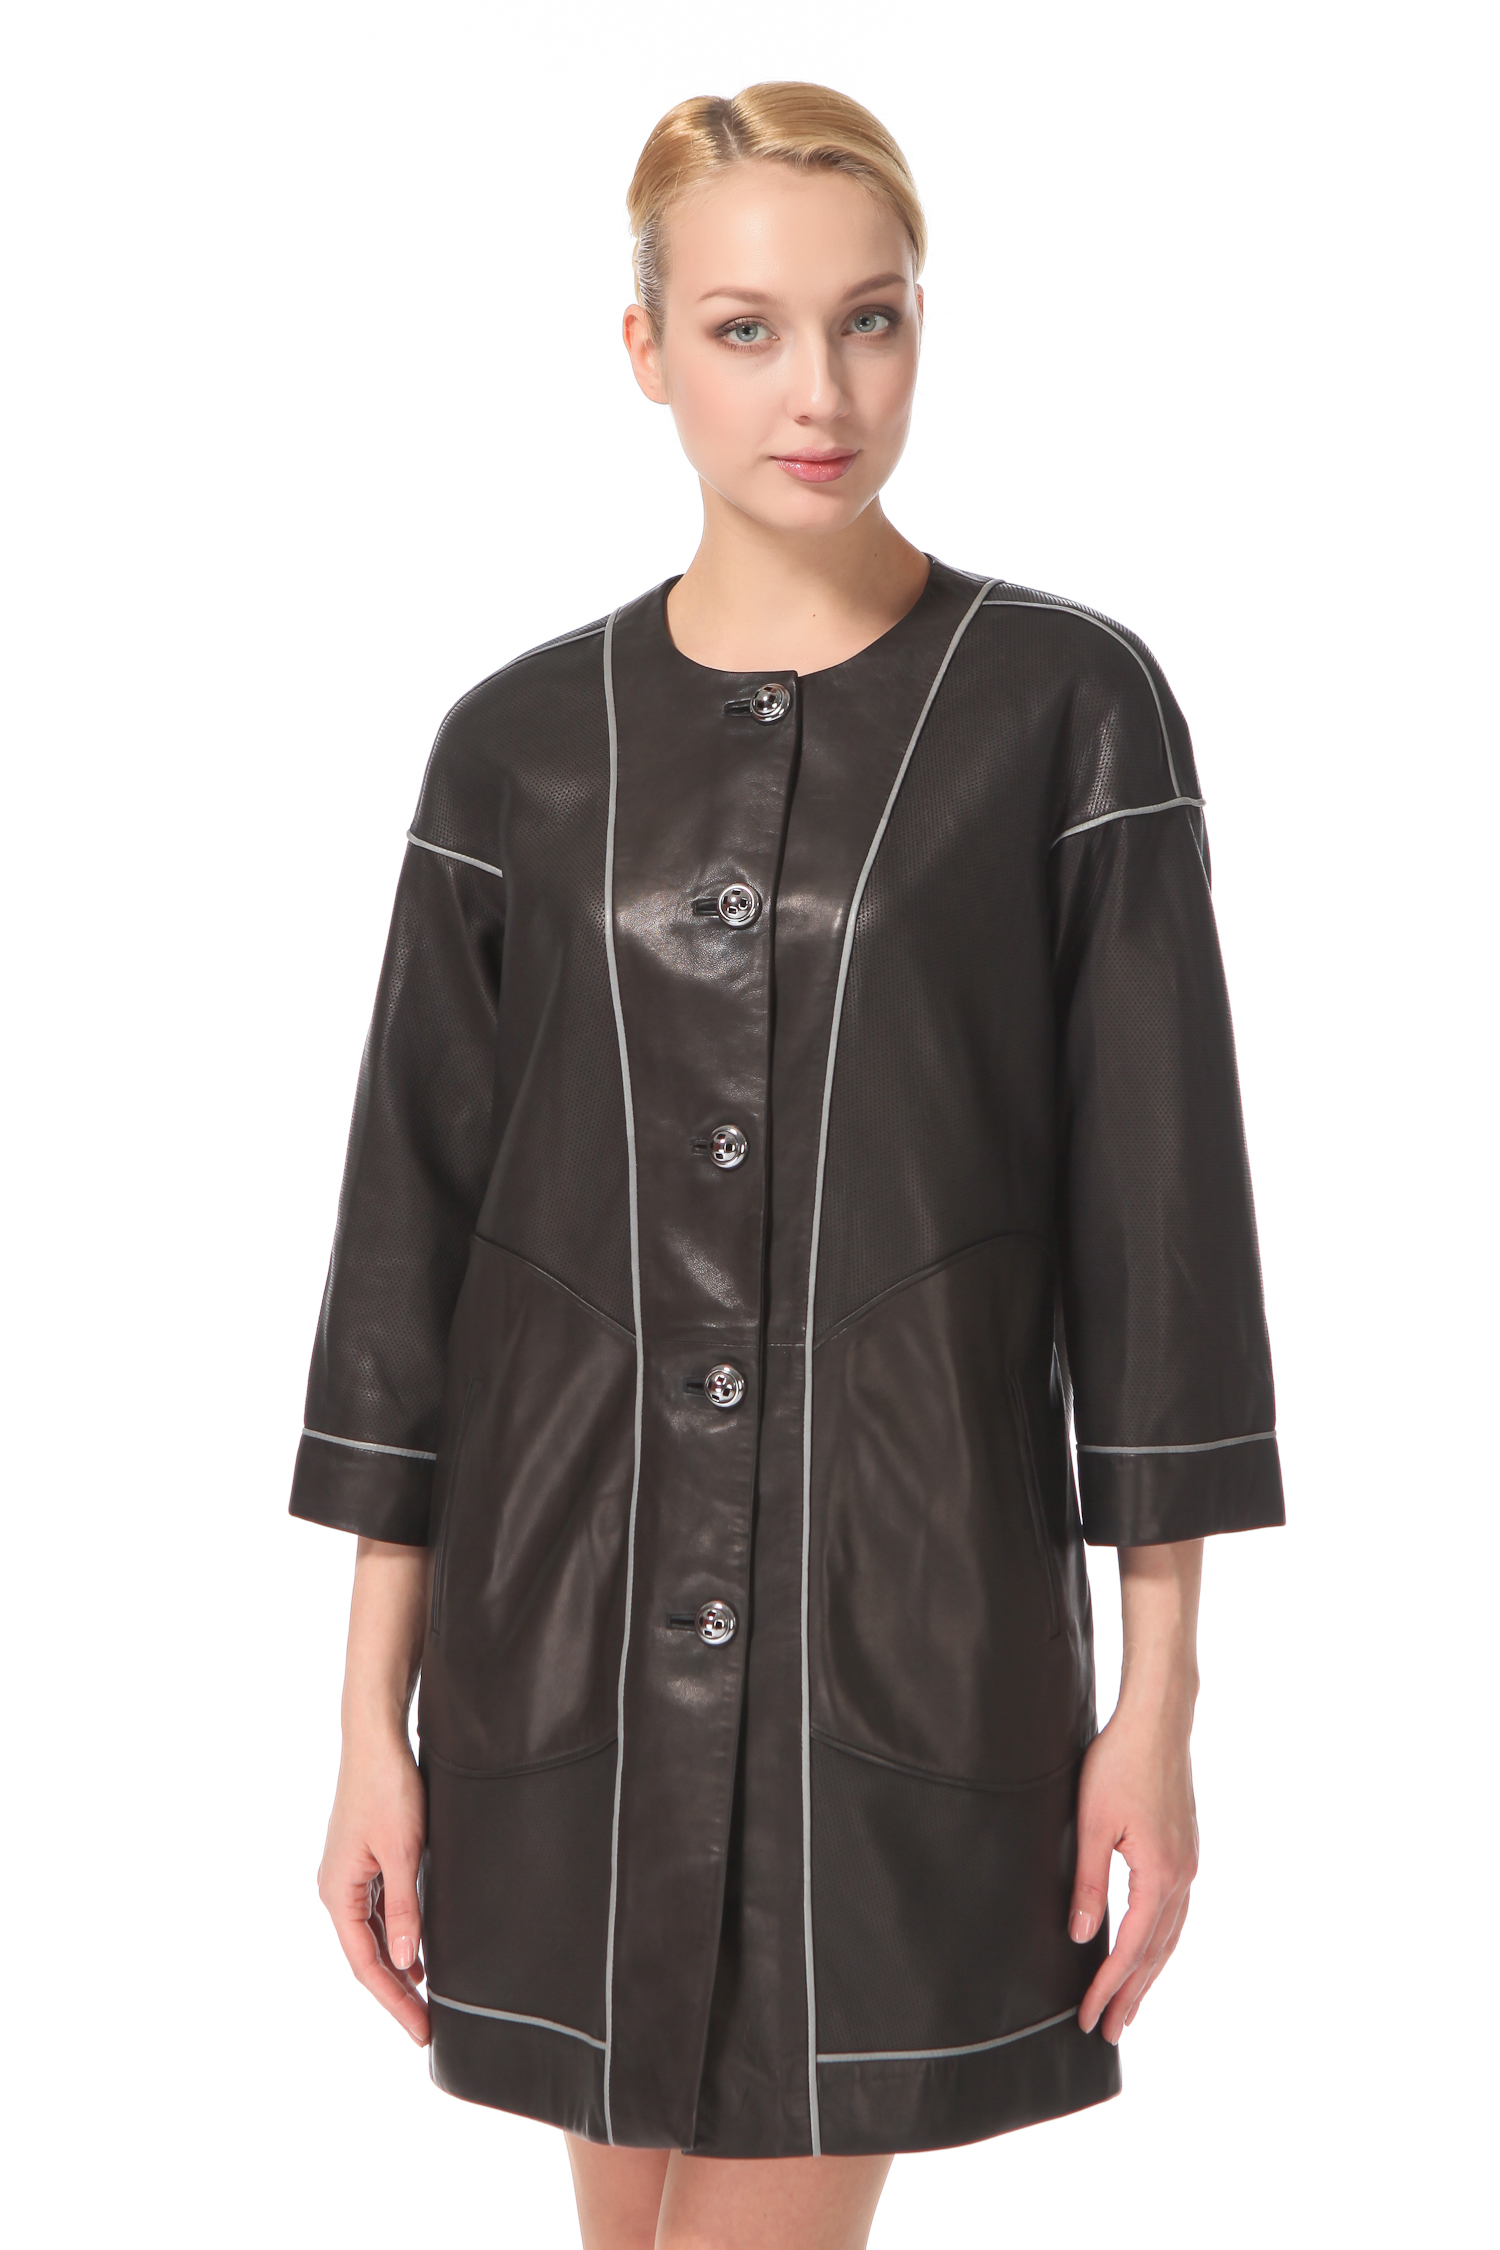 Женское кожаное пальто из натуральной кожи с воротником, без отделки<br><br>Длина см: 90<br>Материал: Натуральная кожа<br>Цвет: Черный<br>Воротник: Шанель<br>Пол: Женский<br>Размер RU: 44